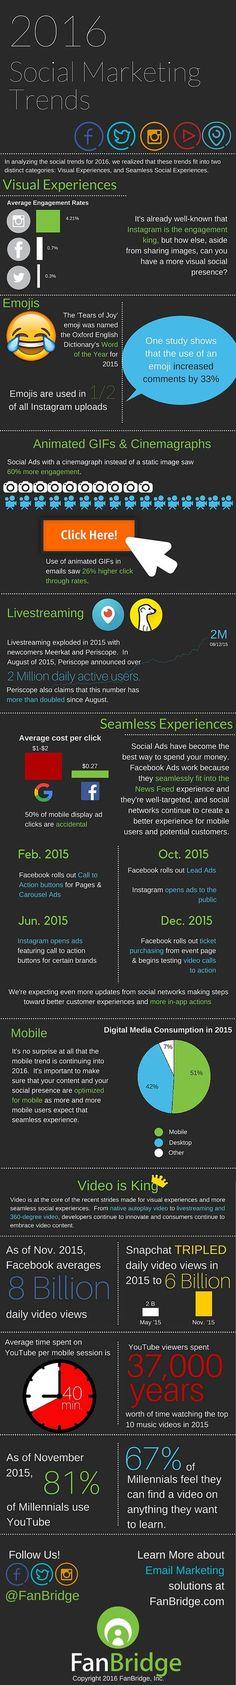 2016 Social Marketing Trends